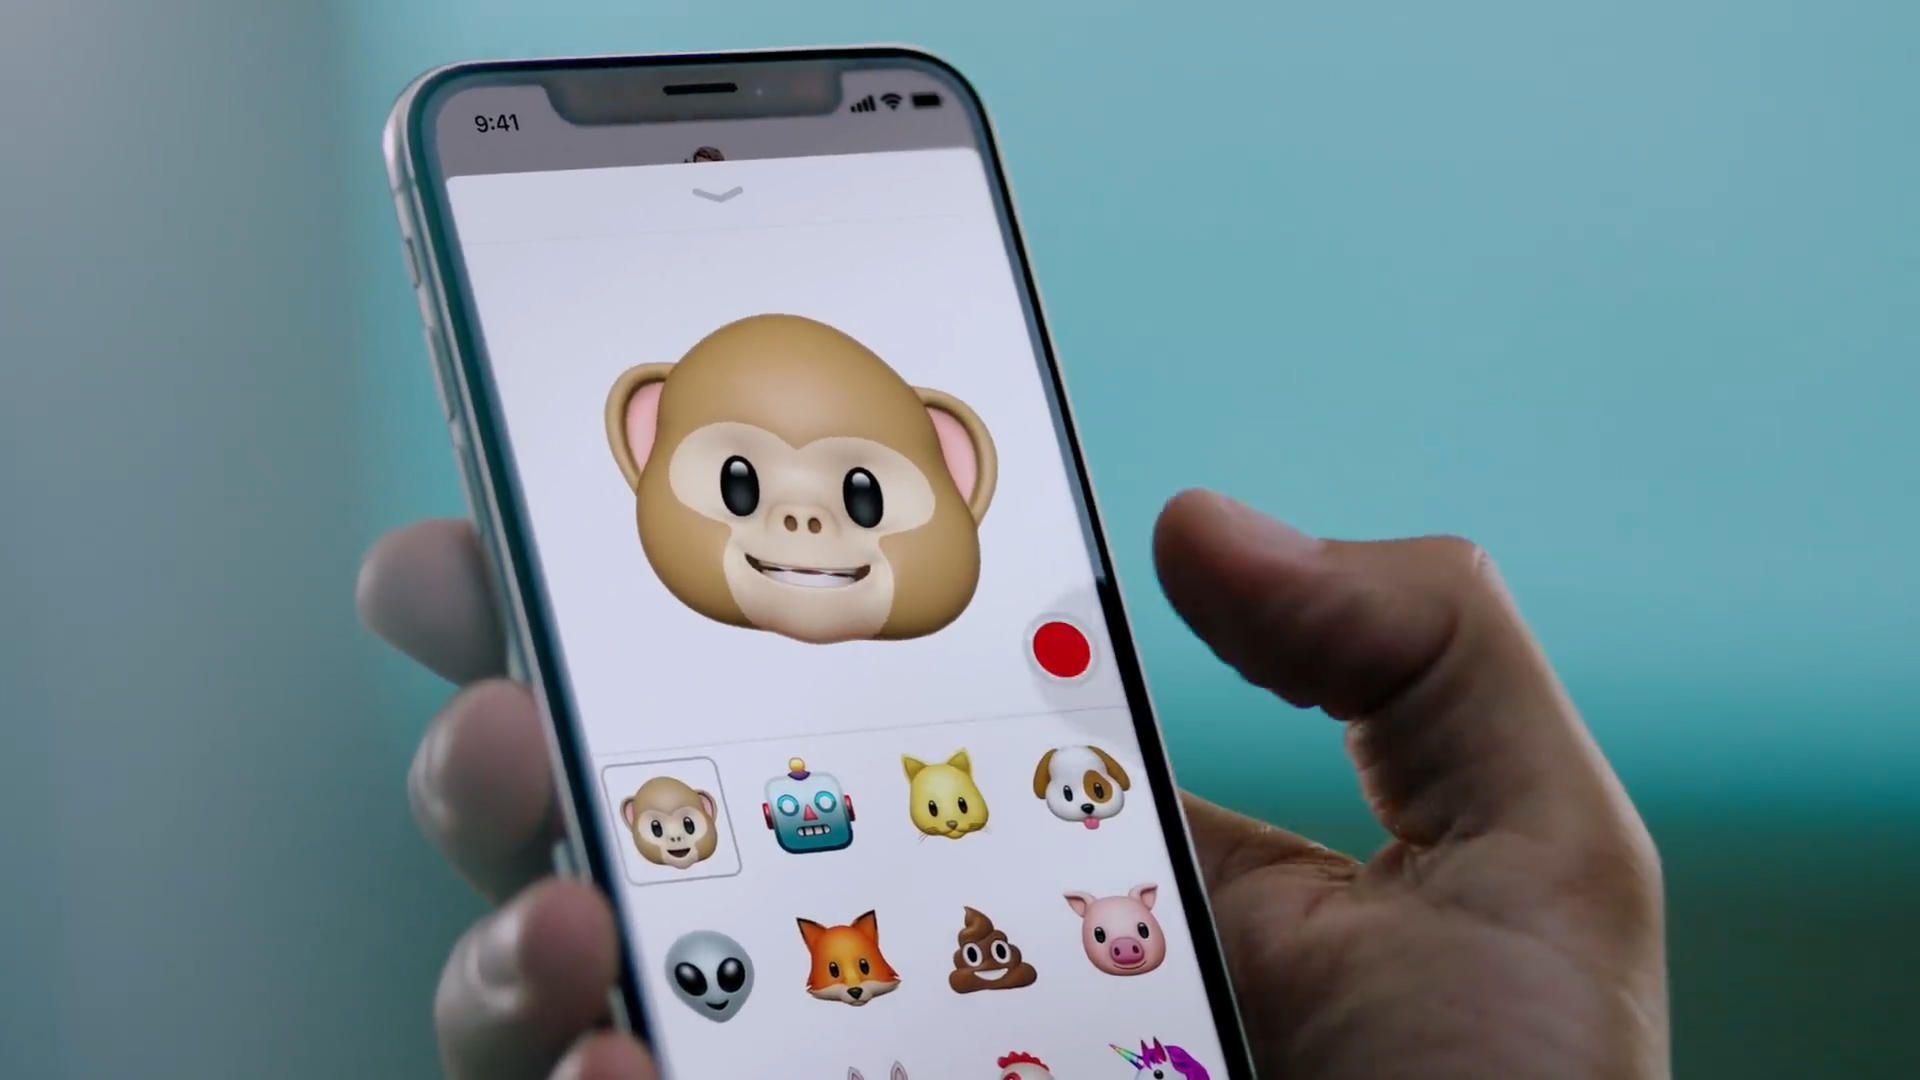 Los animojis son la nueva tendencia viral que el iPhone X trajo consigo